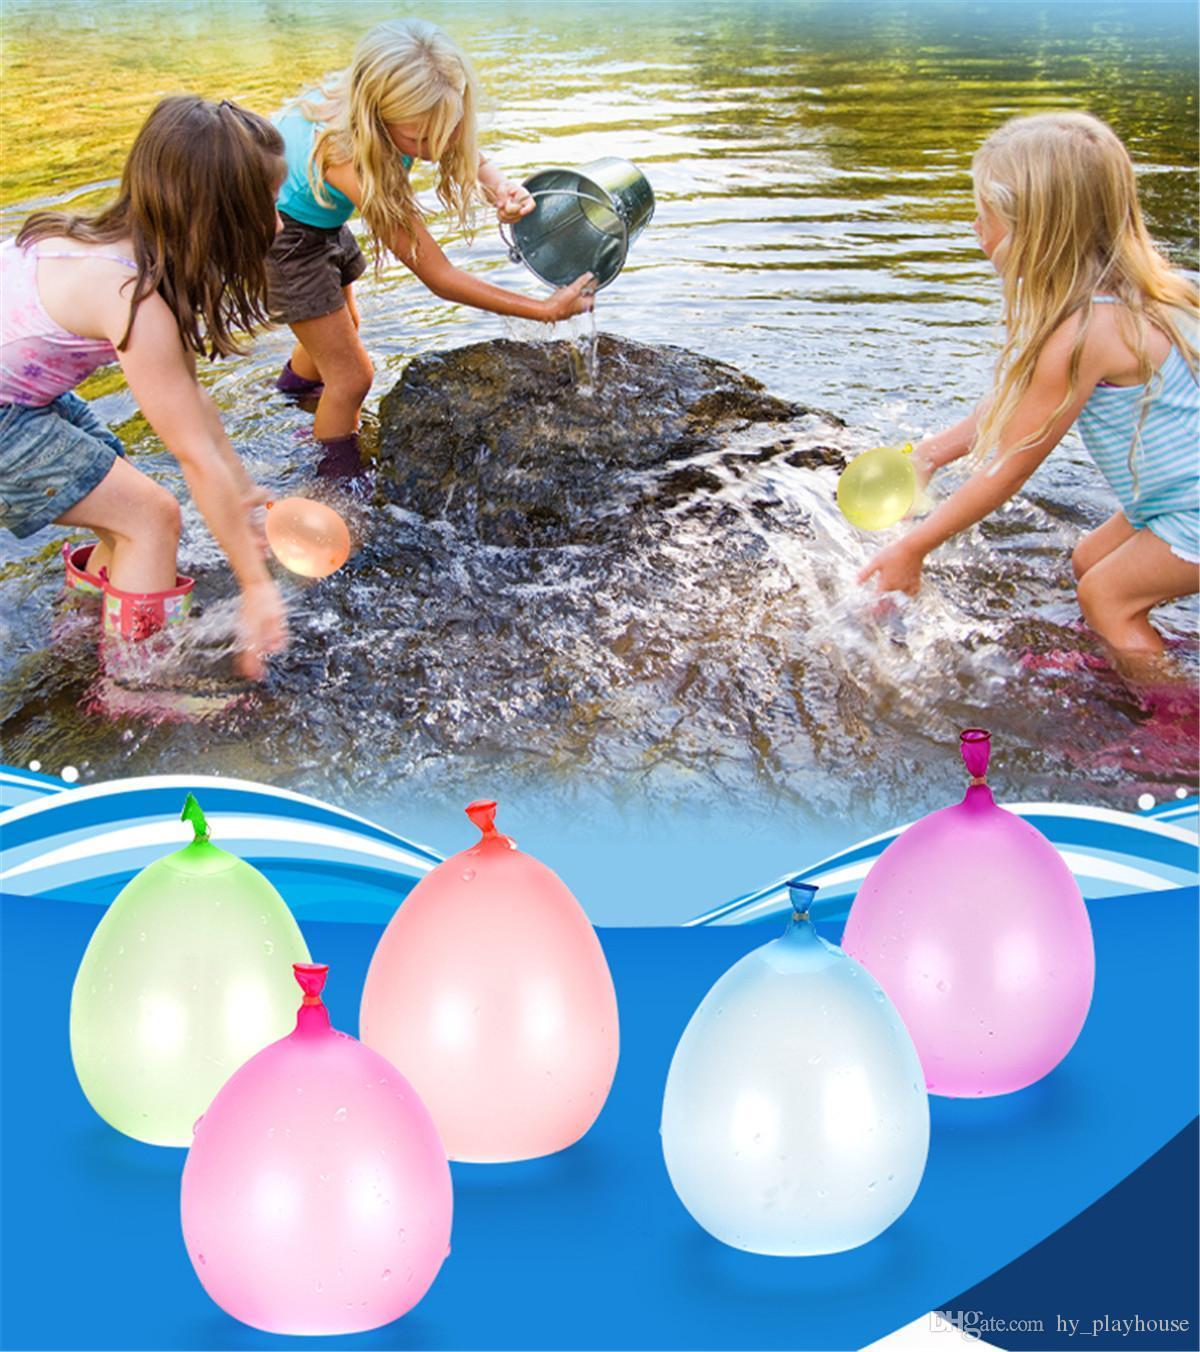 2020 لعبة الملونة تملأ المياه ماجيك بانش بالونات الأطفال الصيف NOVETLY المياه قنبلة في الهواء الطلق لعب اطفال DHL شحن مجاني 01